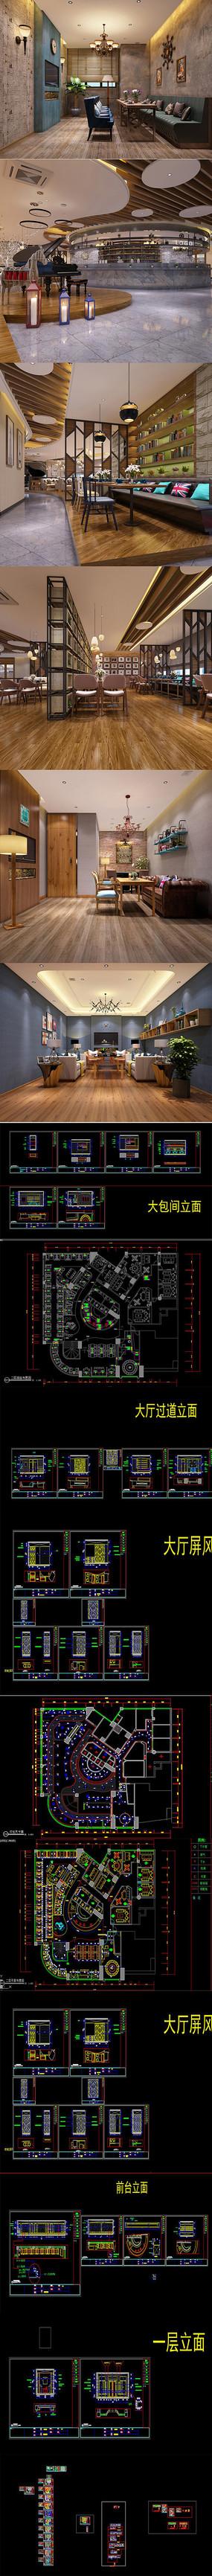 咖啡厅CAD施工图 效果图